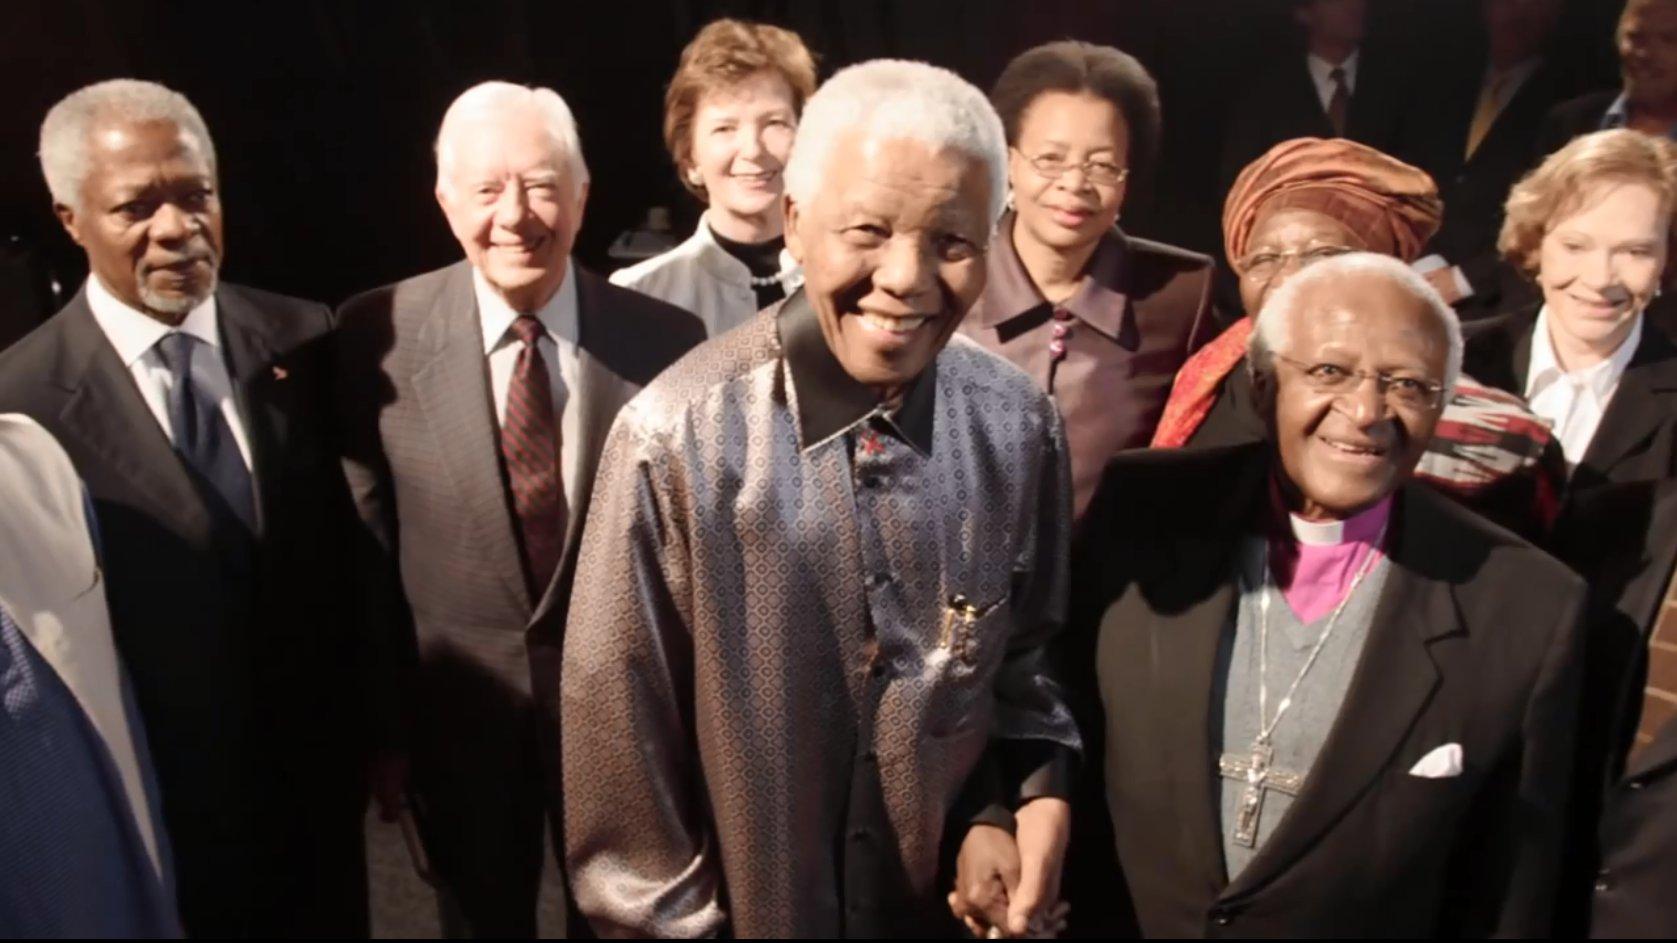 Kampf für Menschenrechte: Die Ältesten erinnern sich an Nelson Mandela